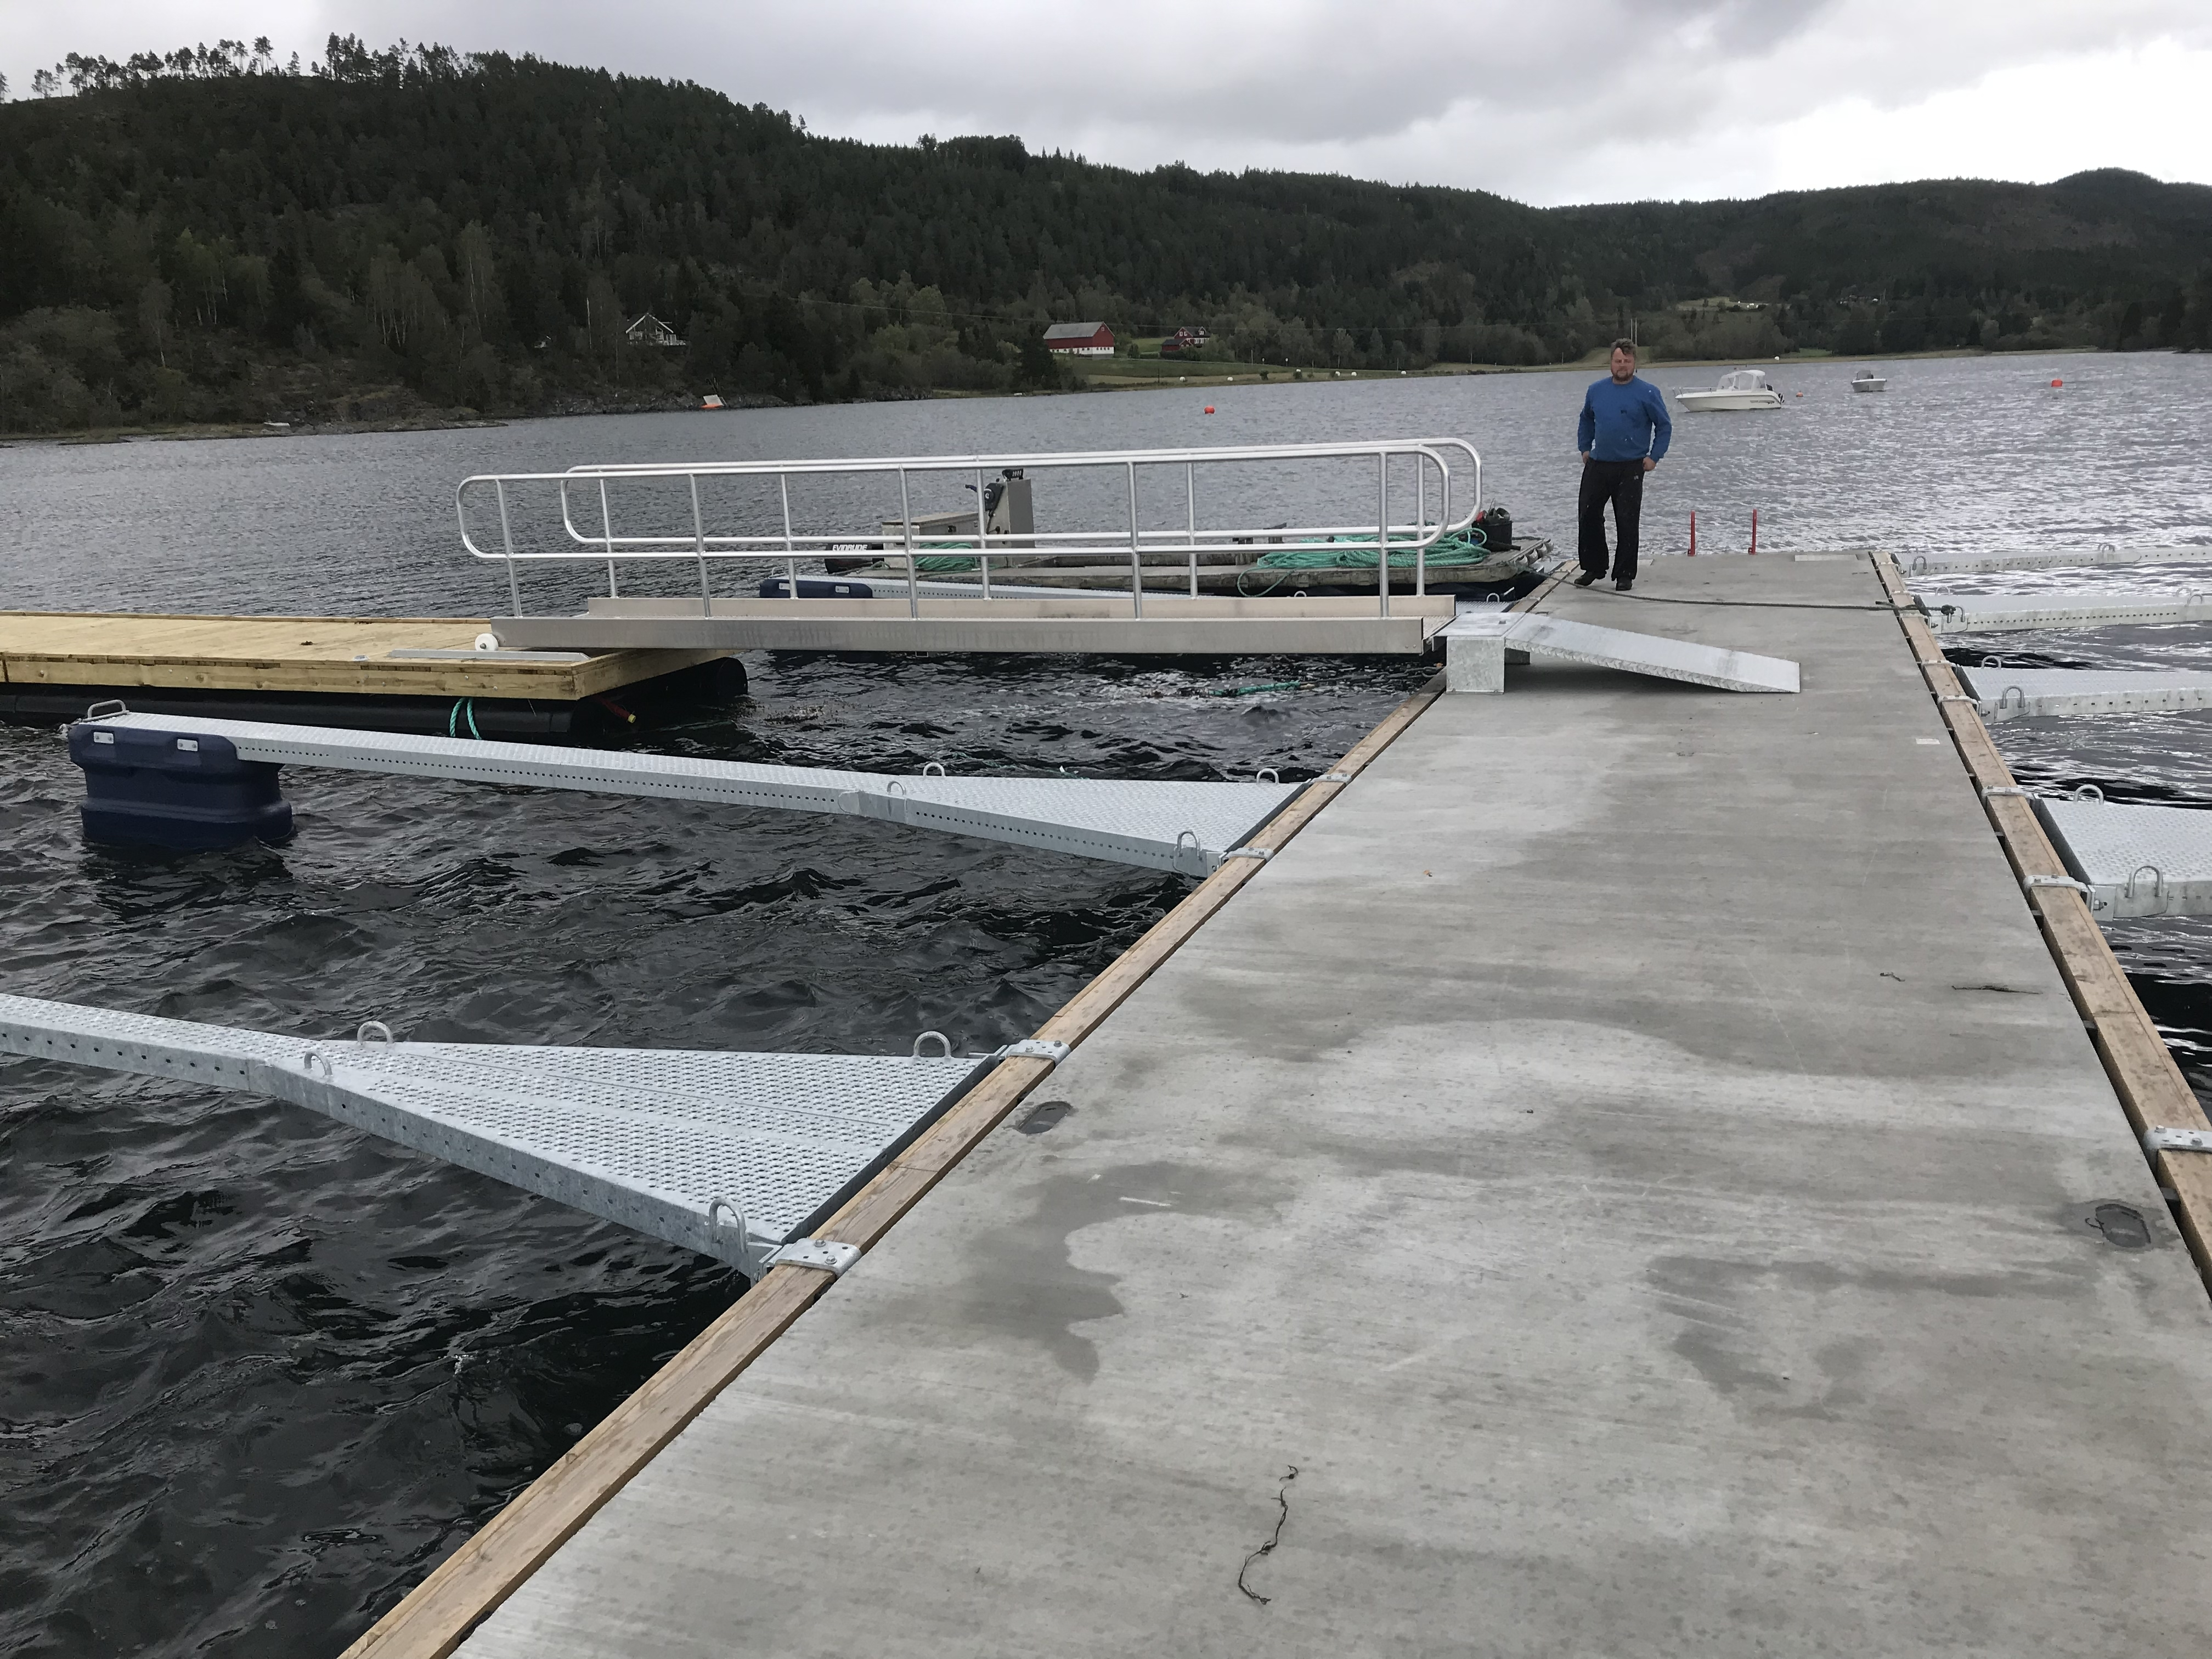 https://marinasolutions.no/uploads/Saltbuvik-Båtforening-Marina-Solutions-2018-24.jpg